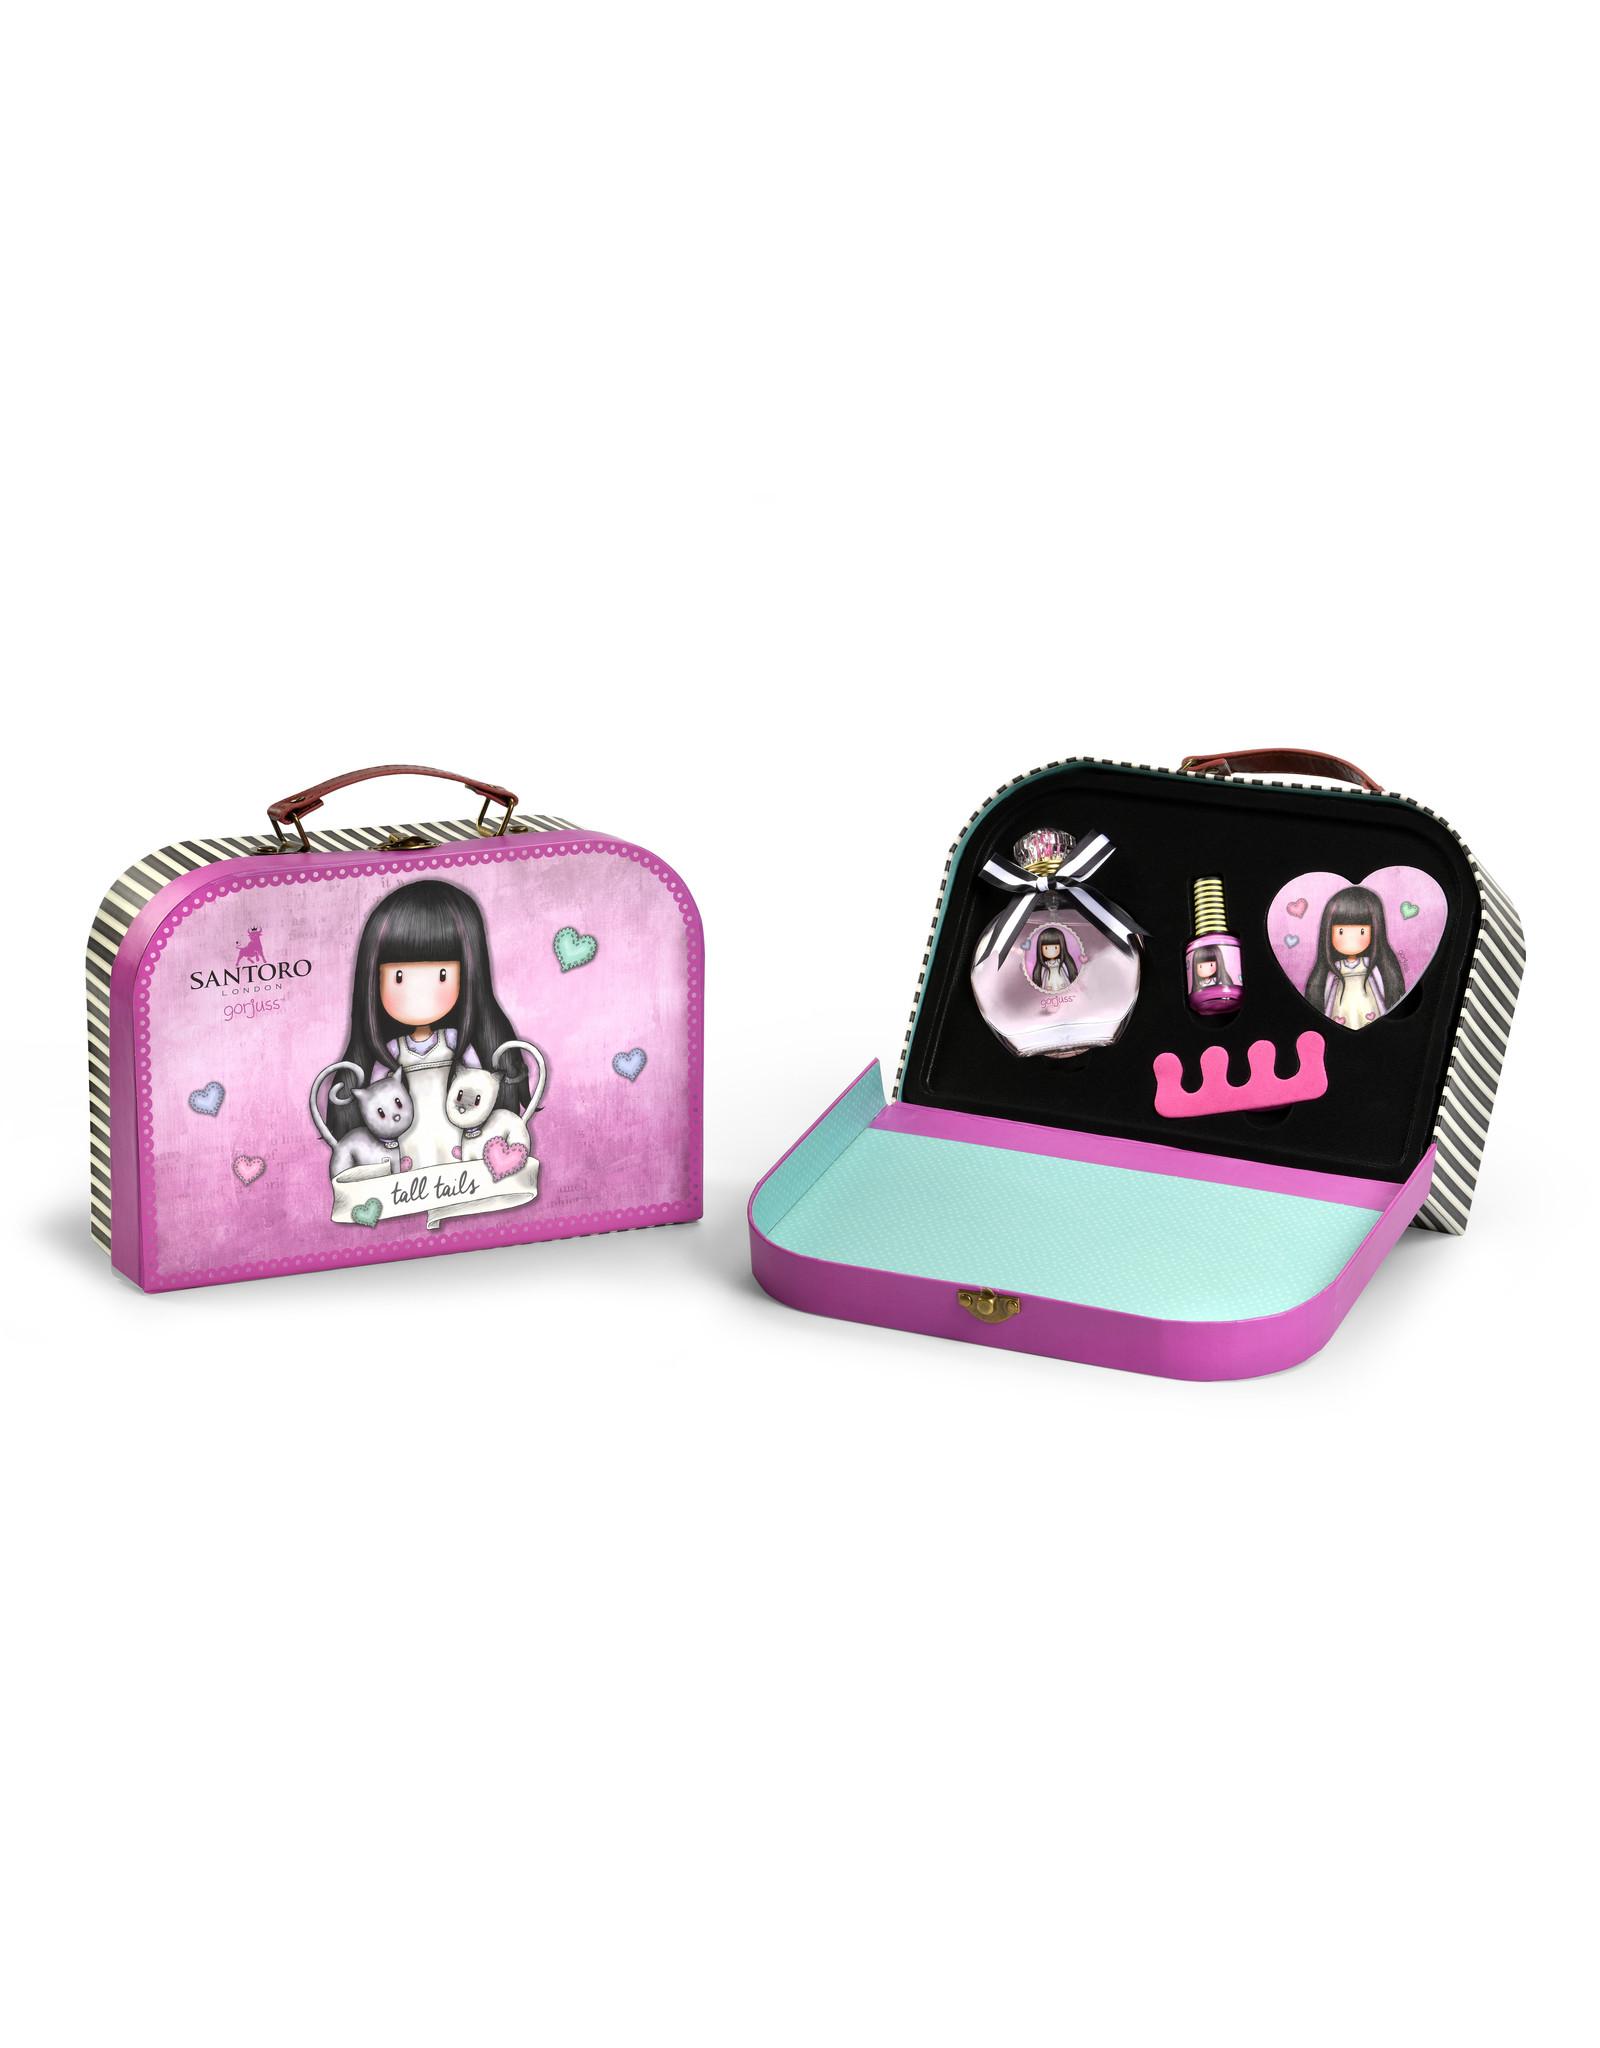 Santoro Gift Set Beautycase Gorjuss - Santoro